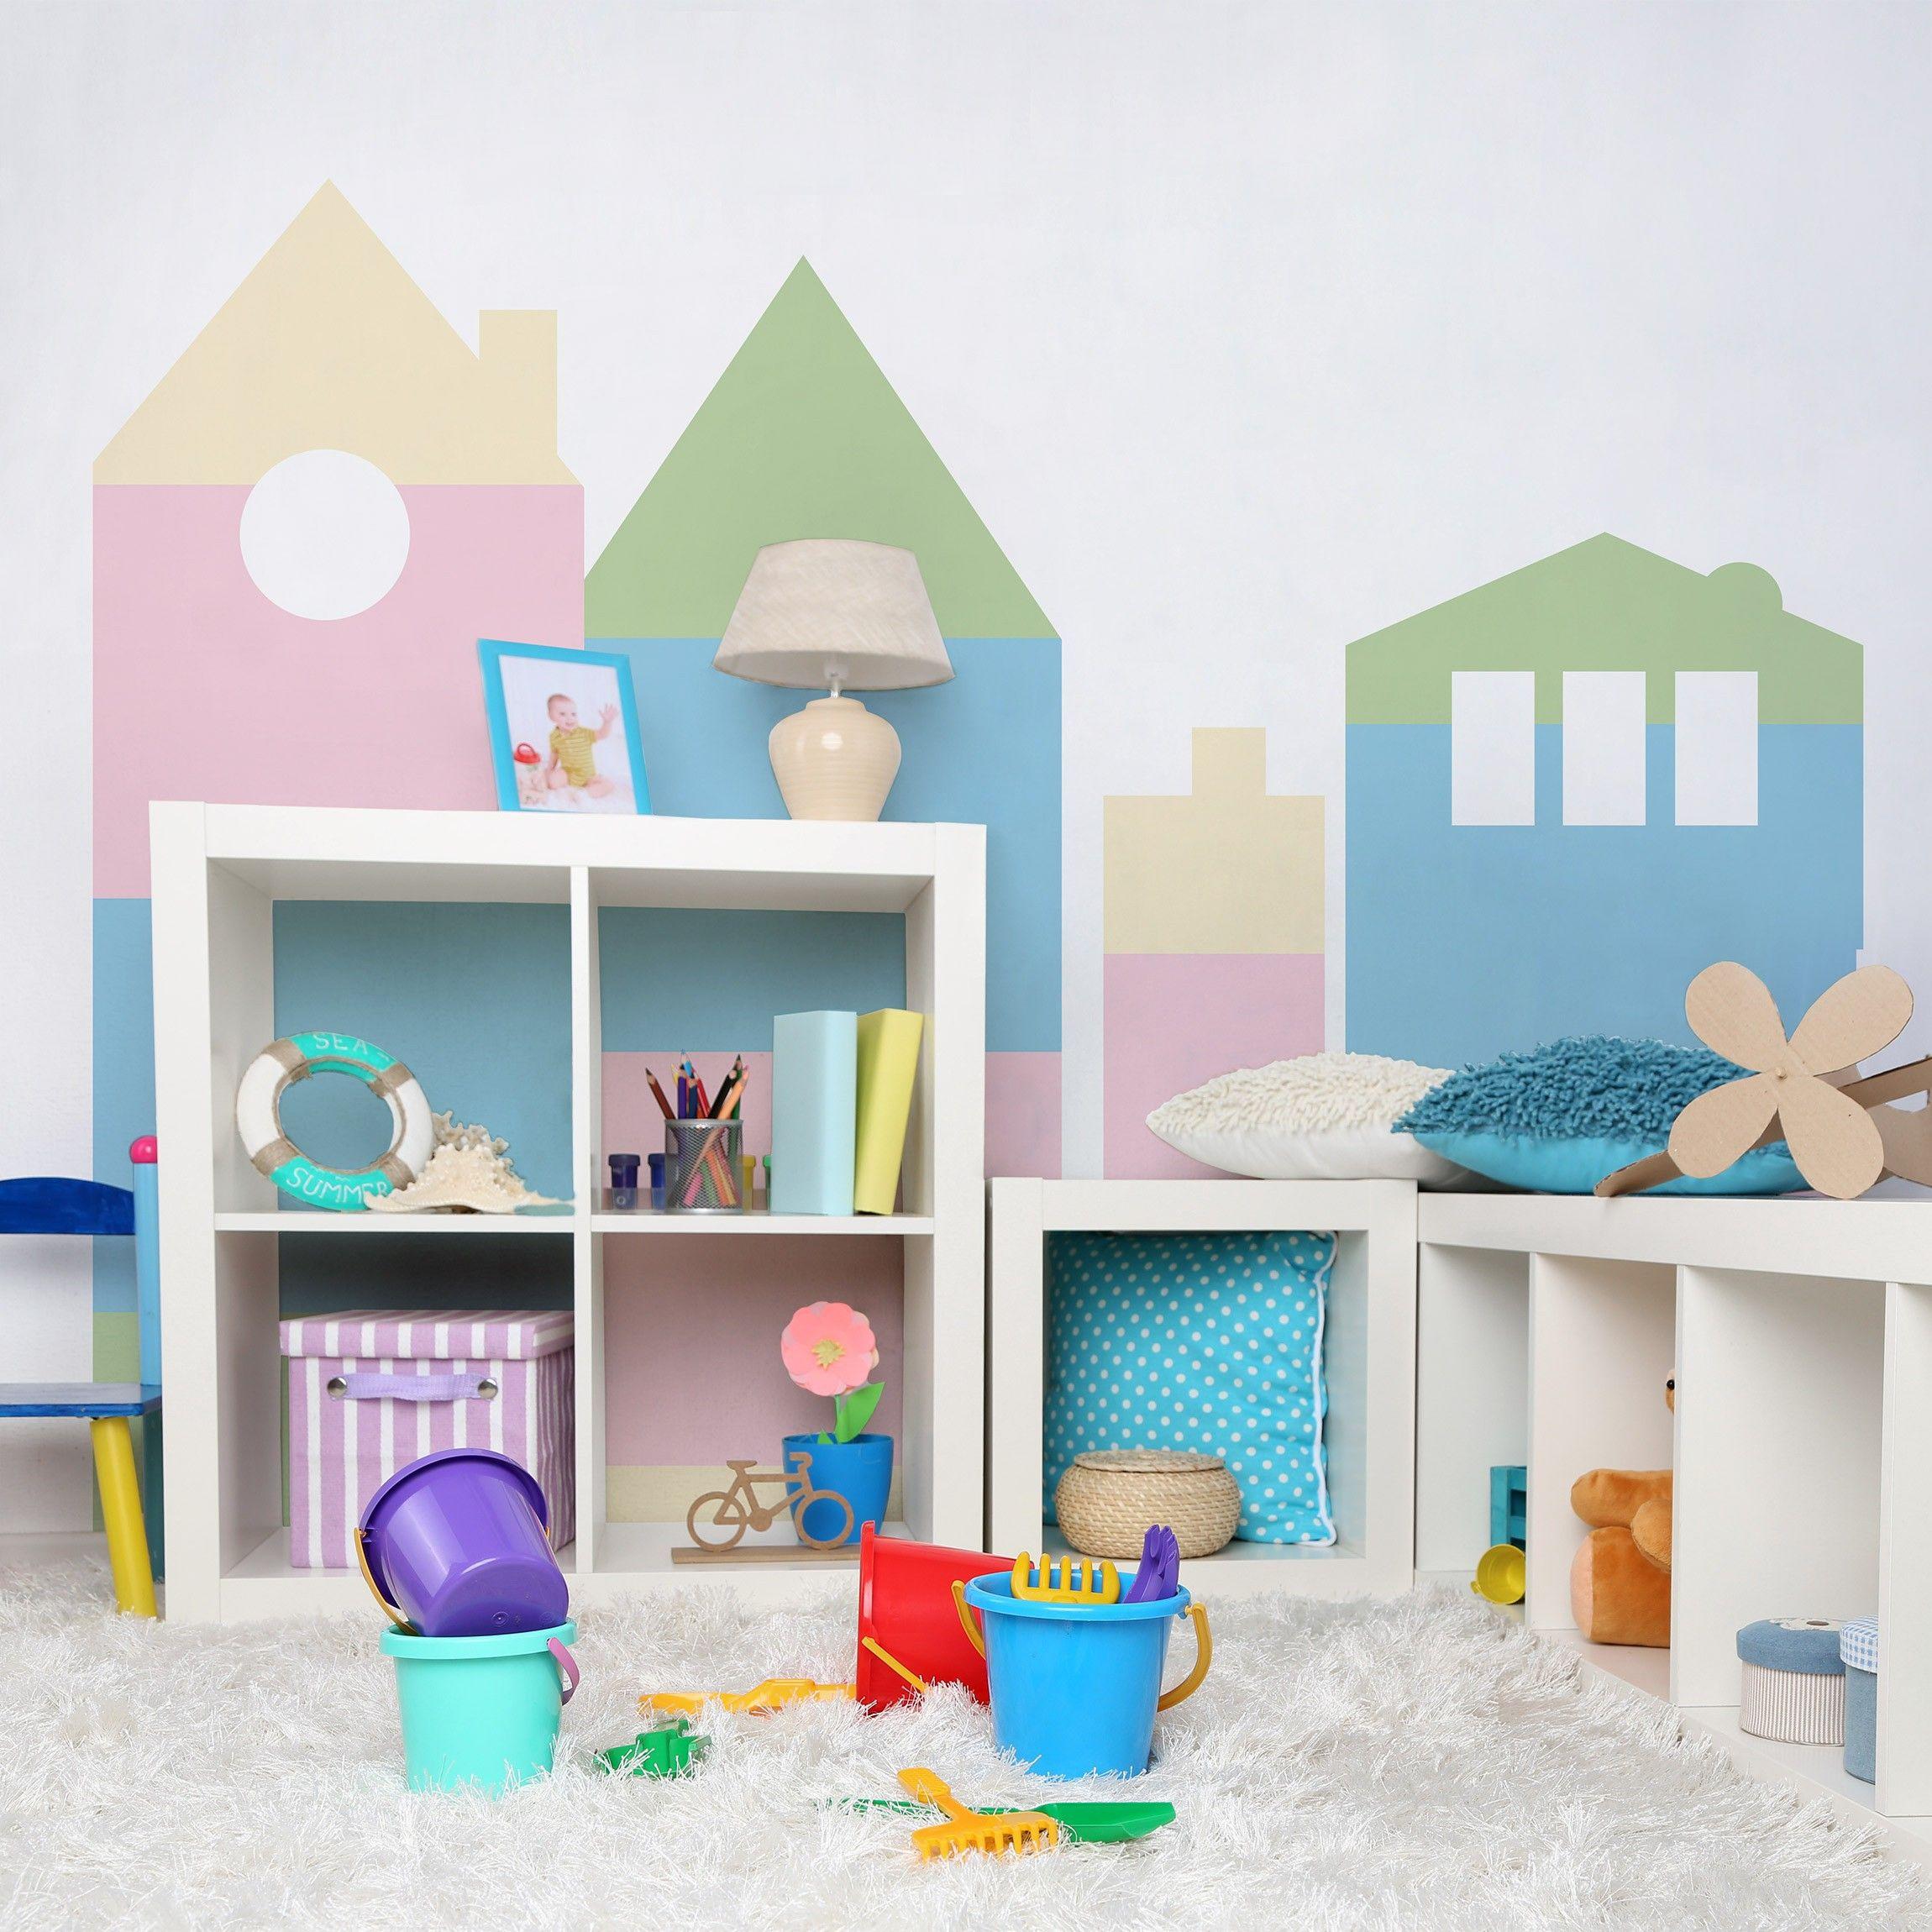 Die beliebten Klebefolien für das Kinderzimmer gibt es in